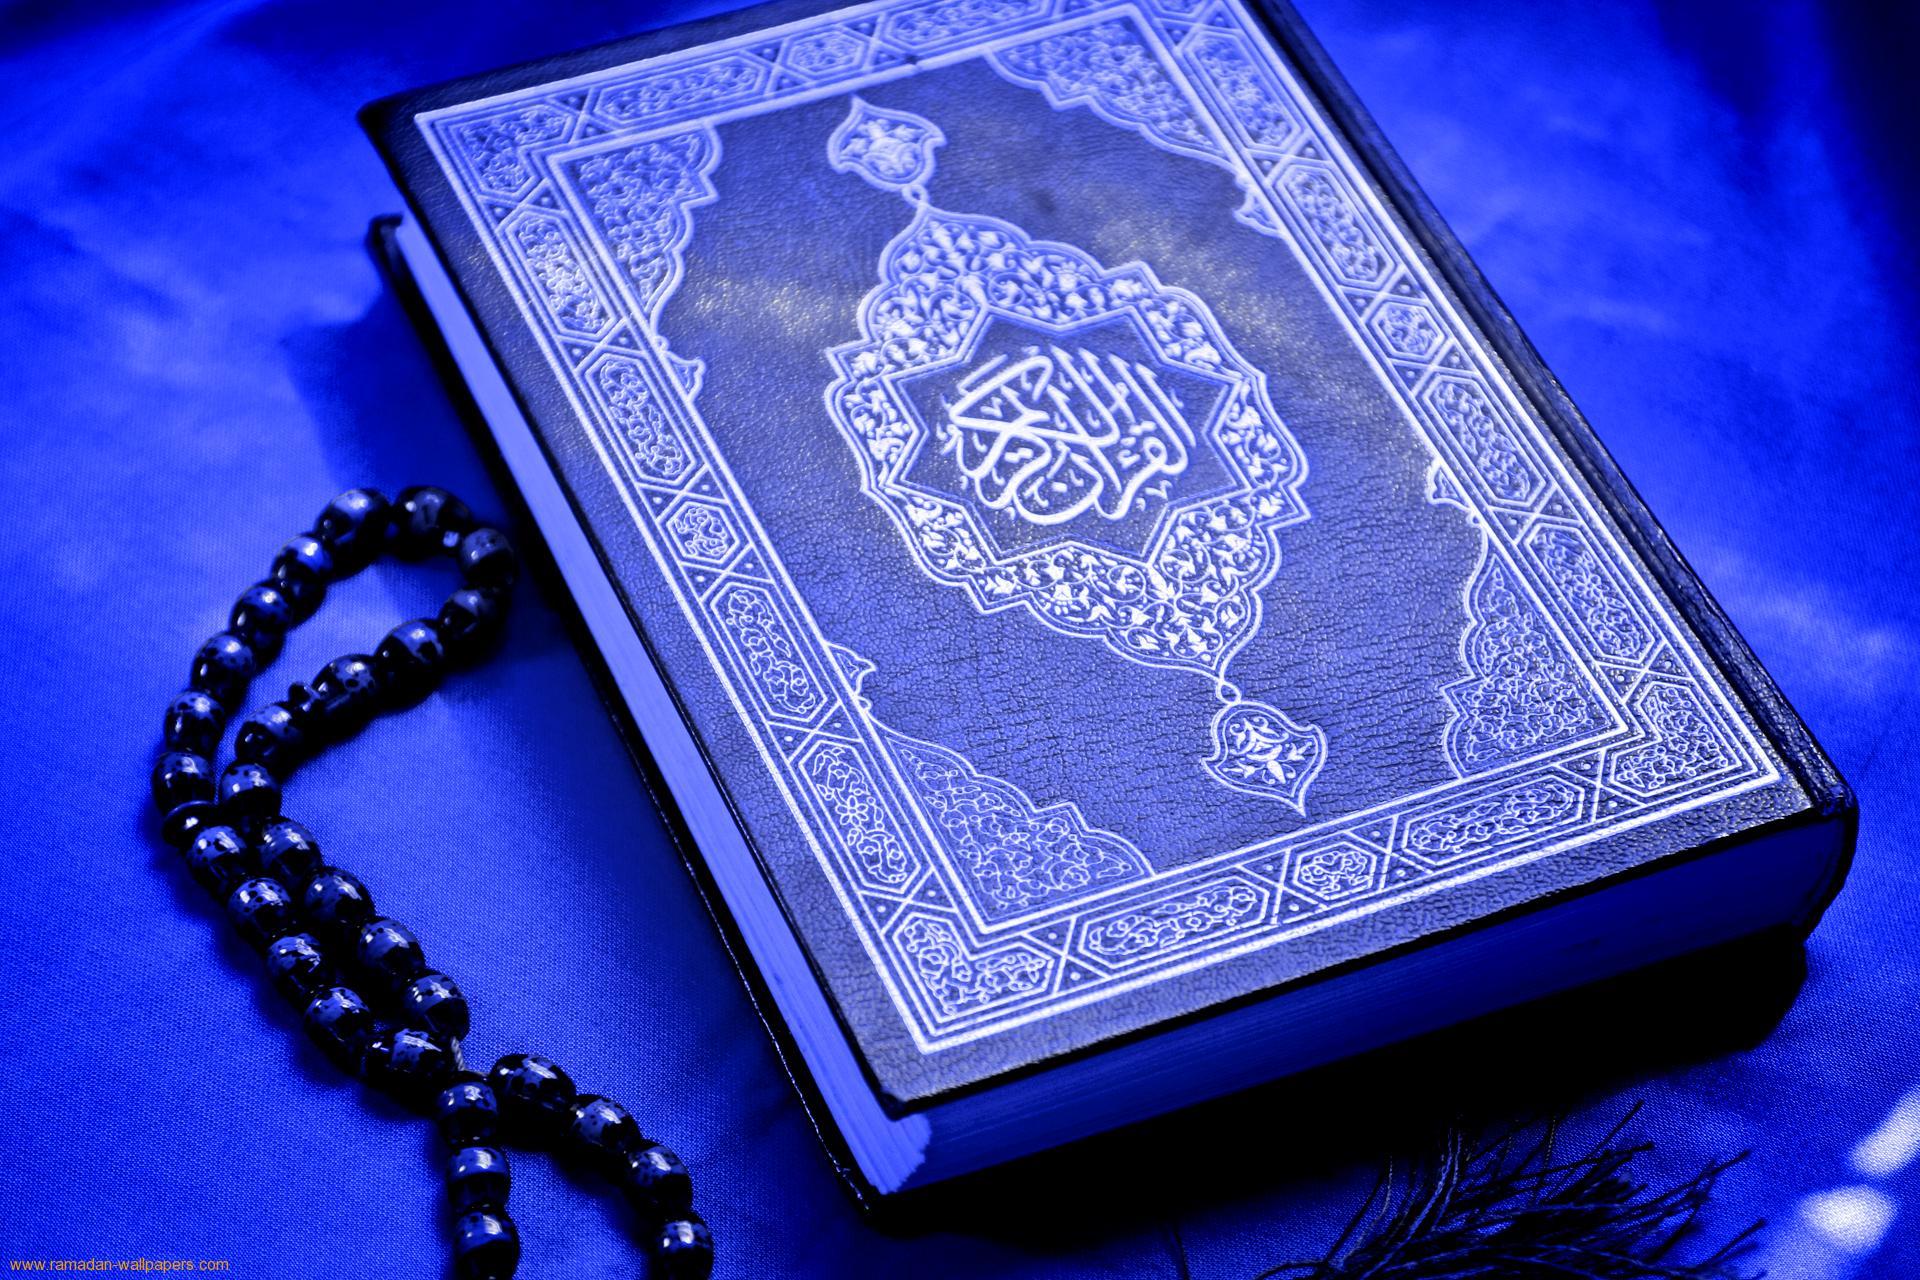 Wallpapers iphone quran - Quran Wallpaper 001